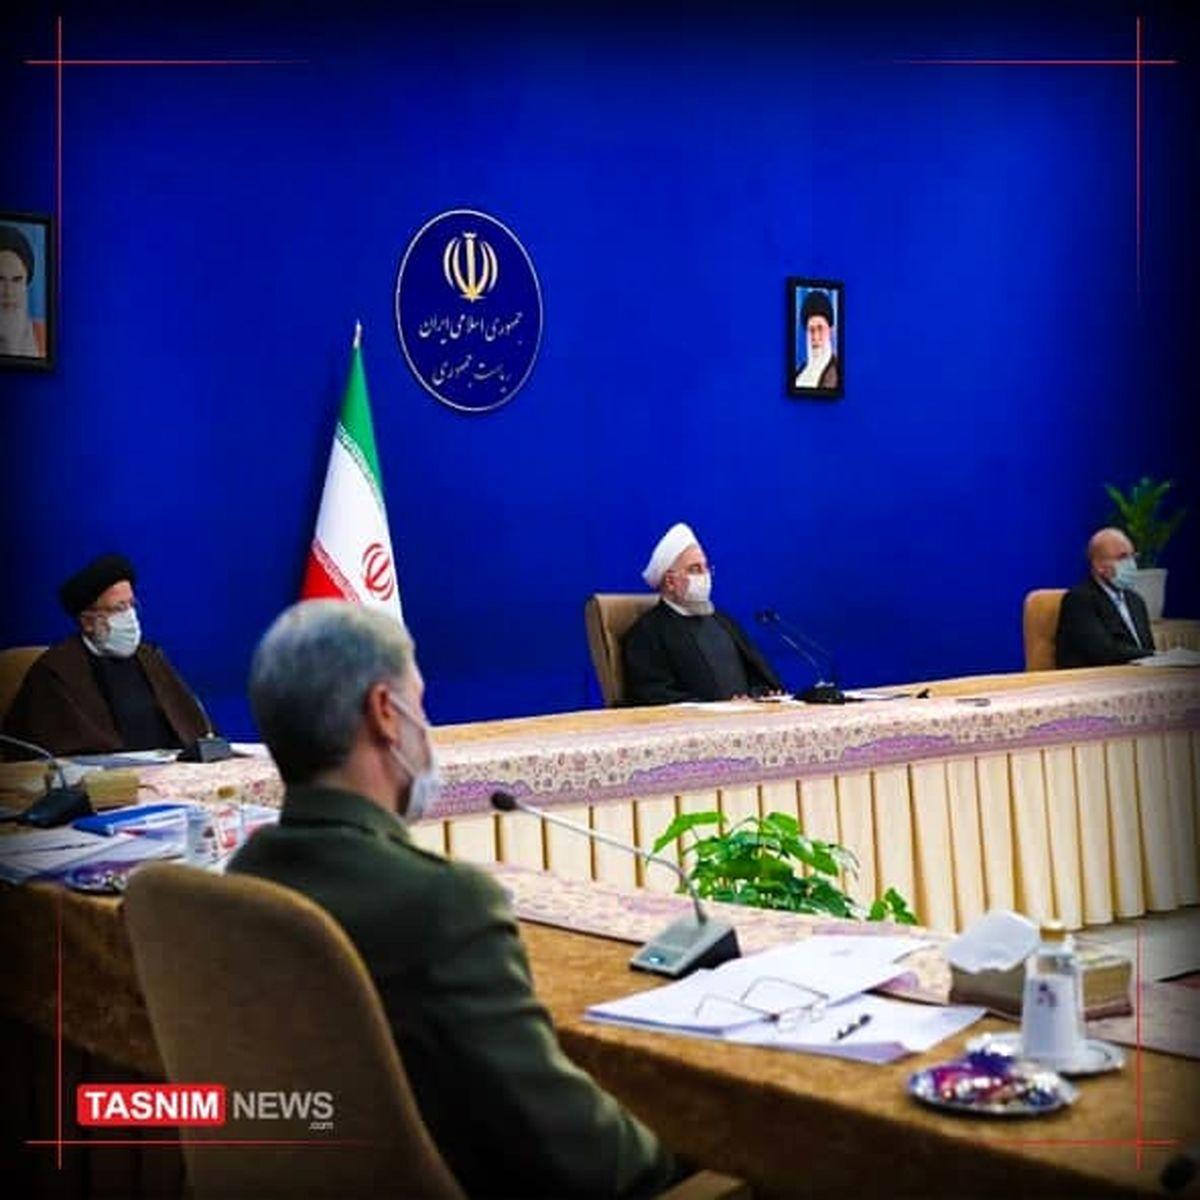 روحانی: ایران به مولفه قدرت نظامی نگاه توسعه طلبانه ندارد